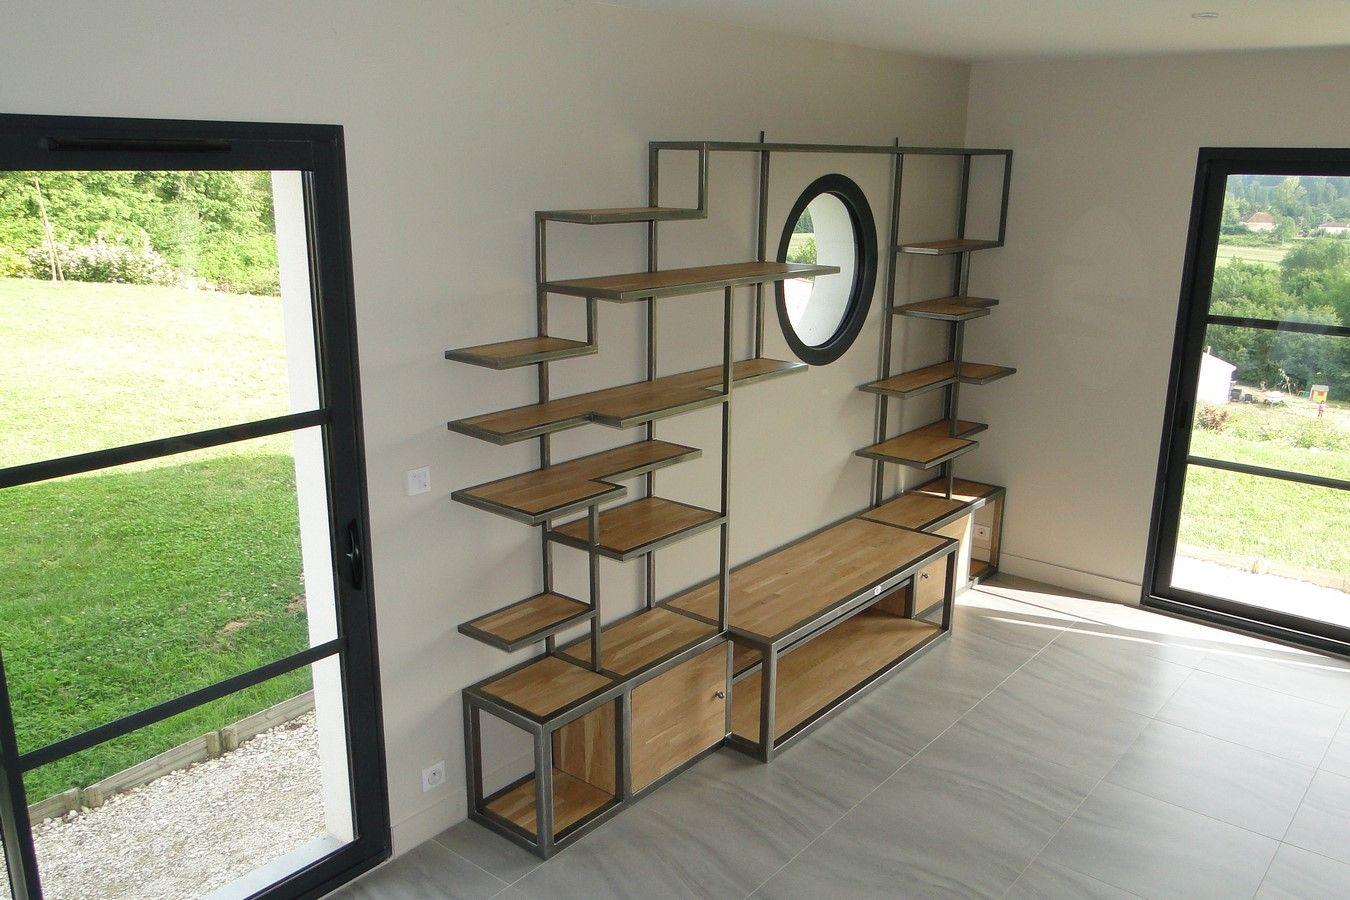 conception et fabrication de mobilier contemporain acier bois metal crateur artisanal table chaise console bibliothque - Mobilier Contemporain